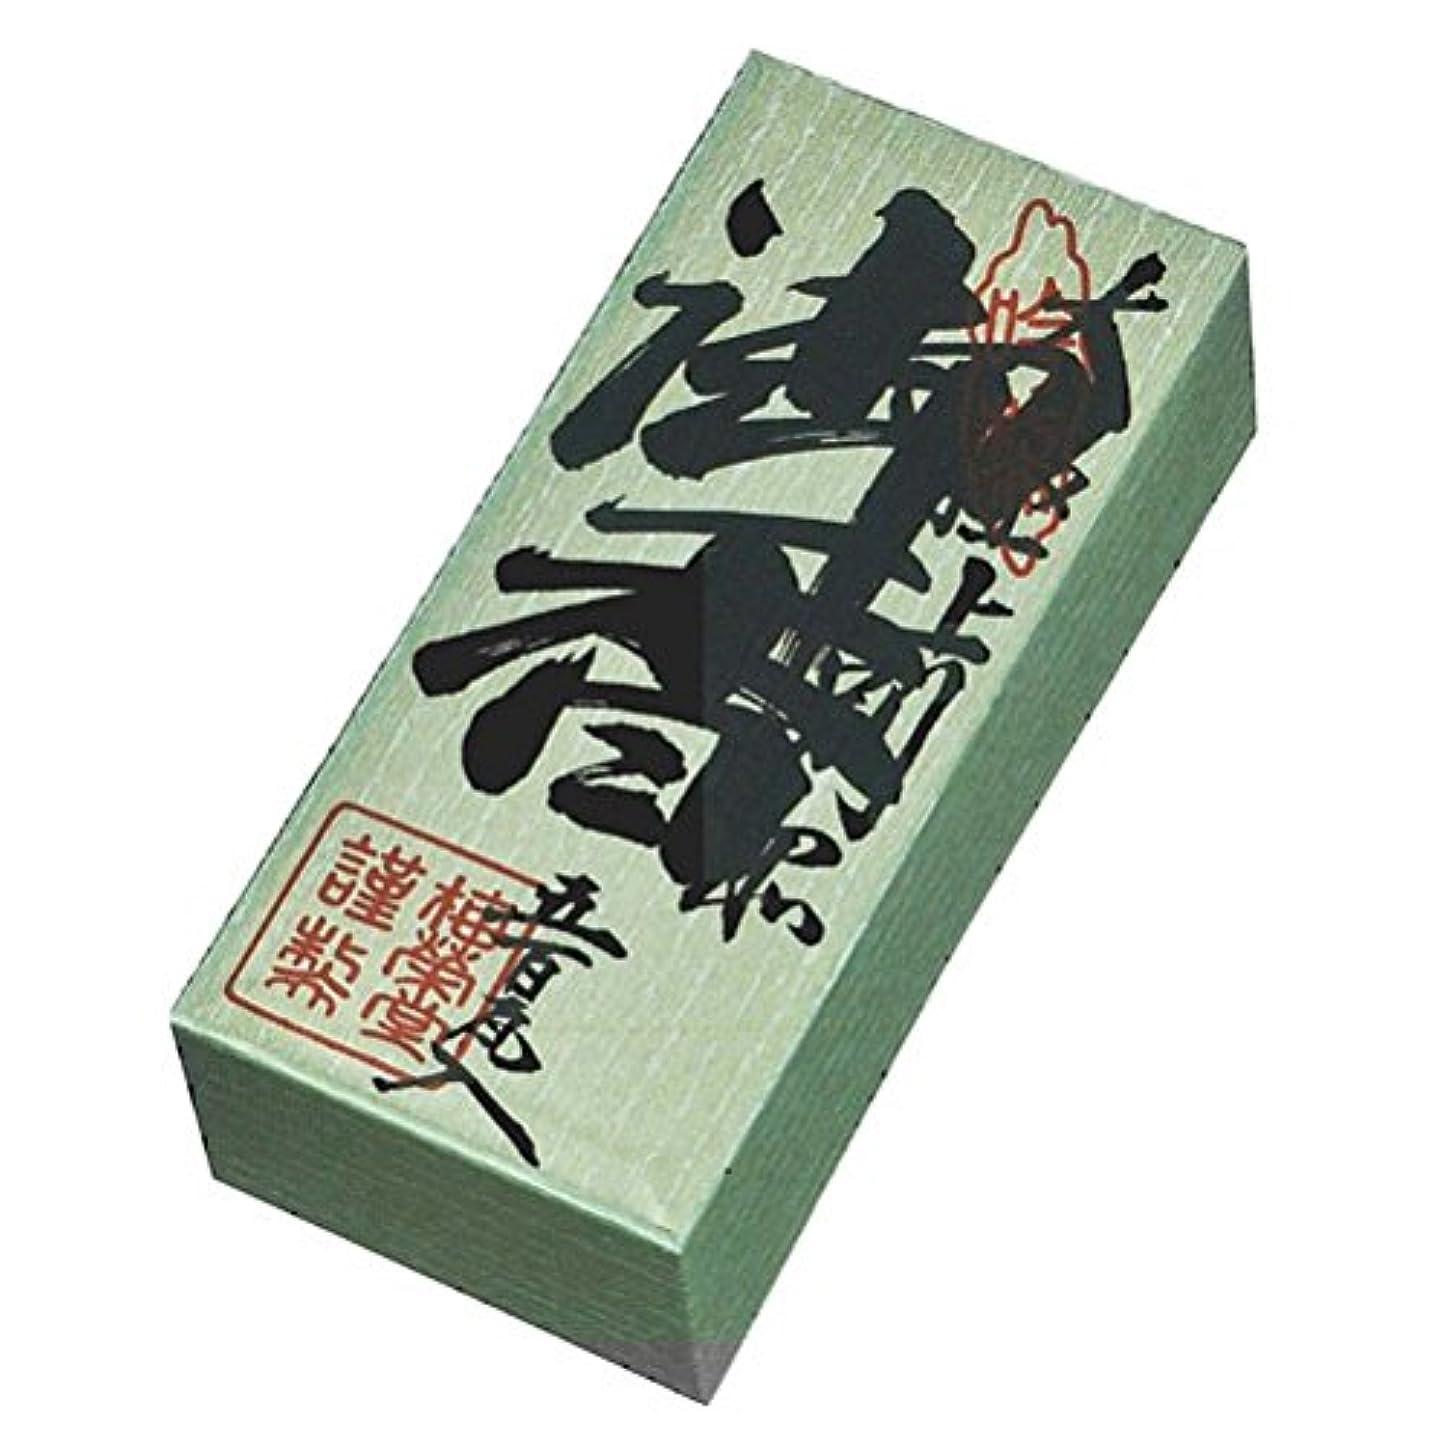 多くの危険がある状況下手キー蘭麝印 500g 紙箱入り お焼香 梅栄堂